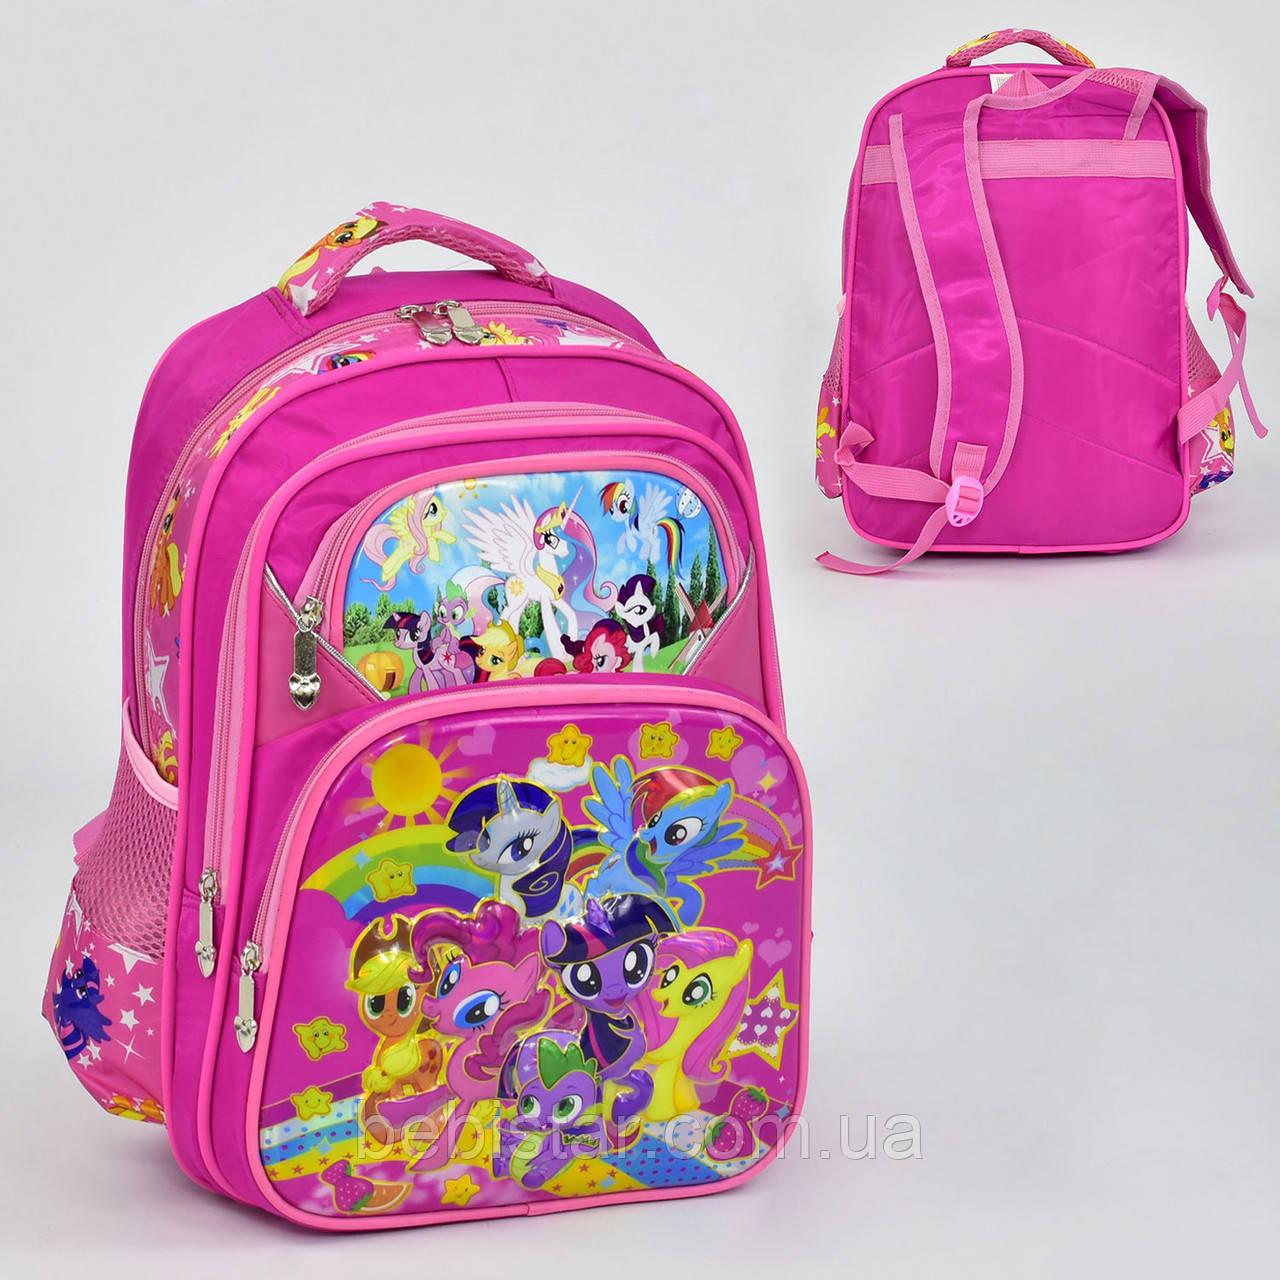 Шкільний рюкзак 5 кишень з 3D зображенням Поні